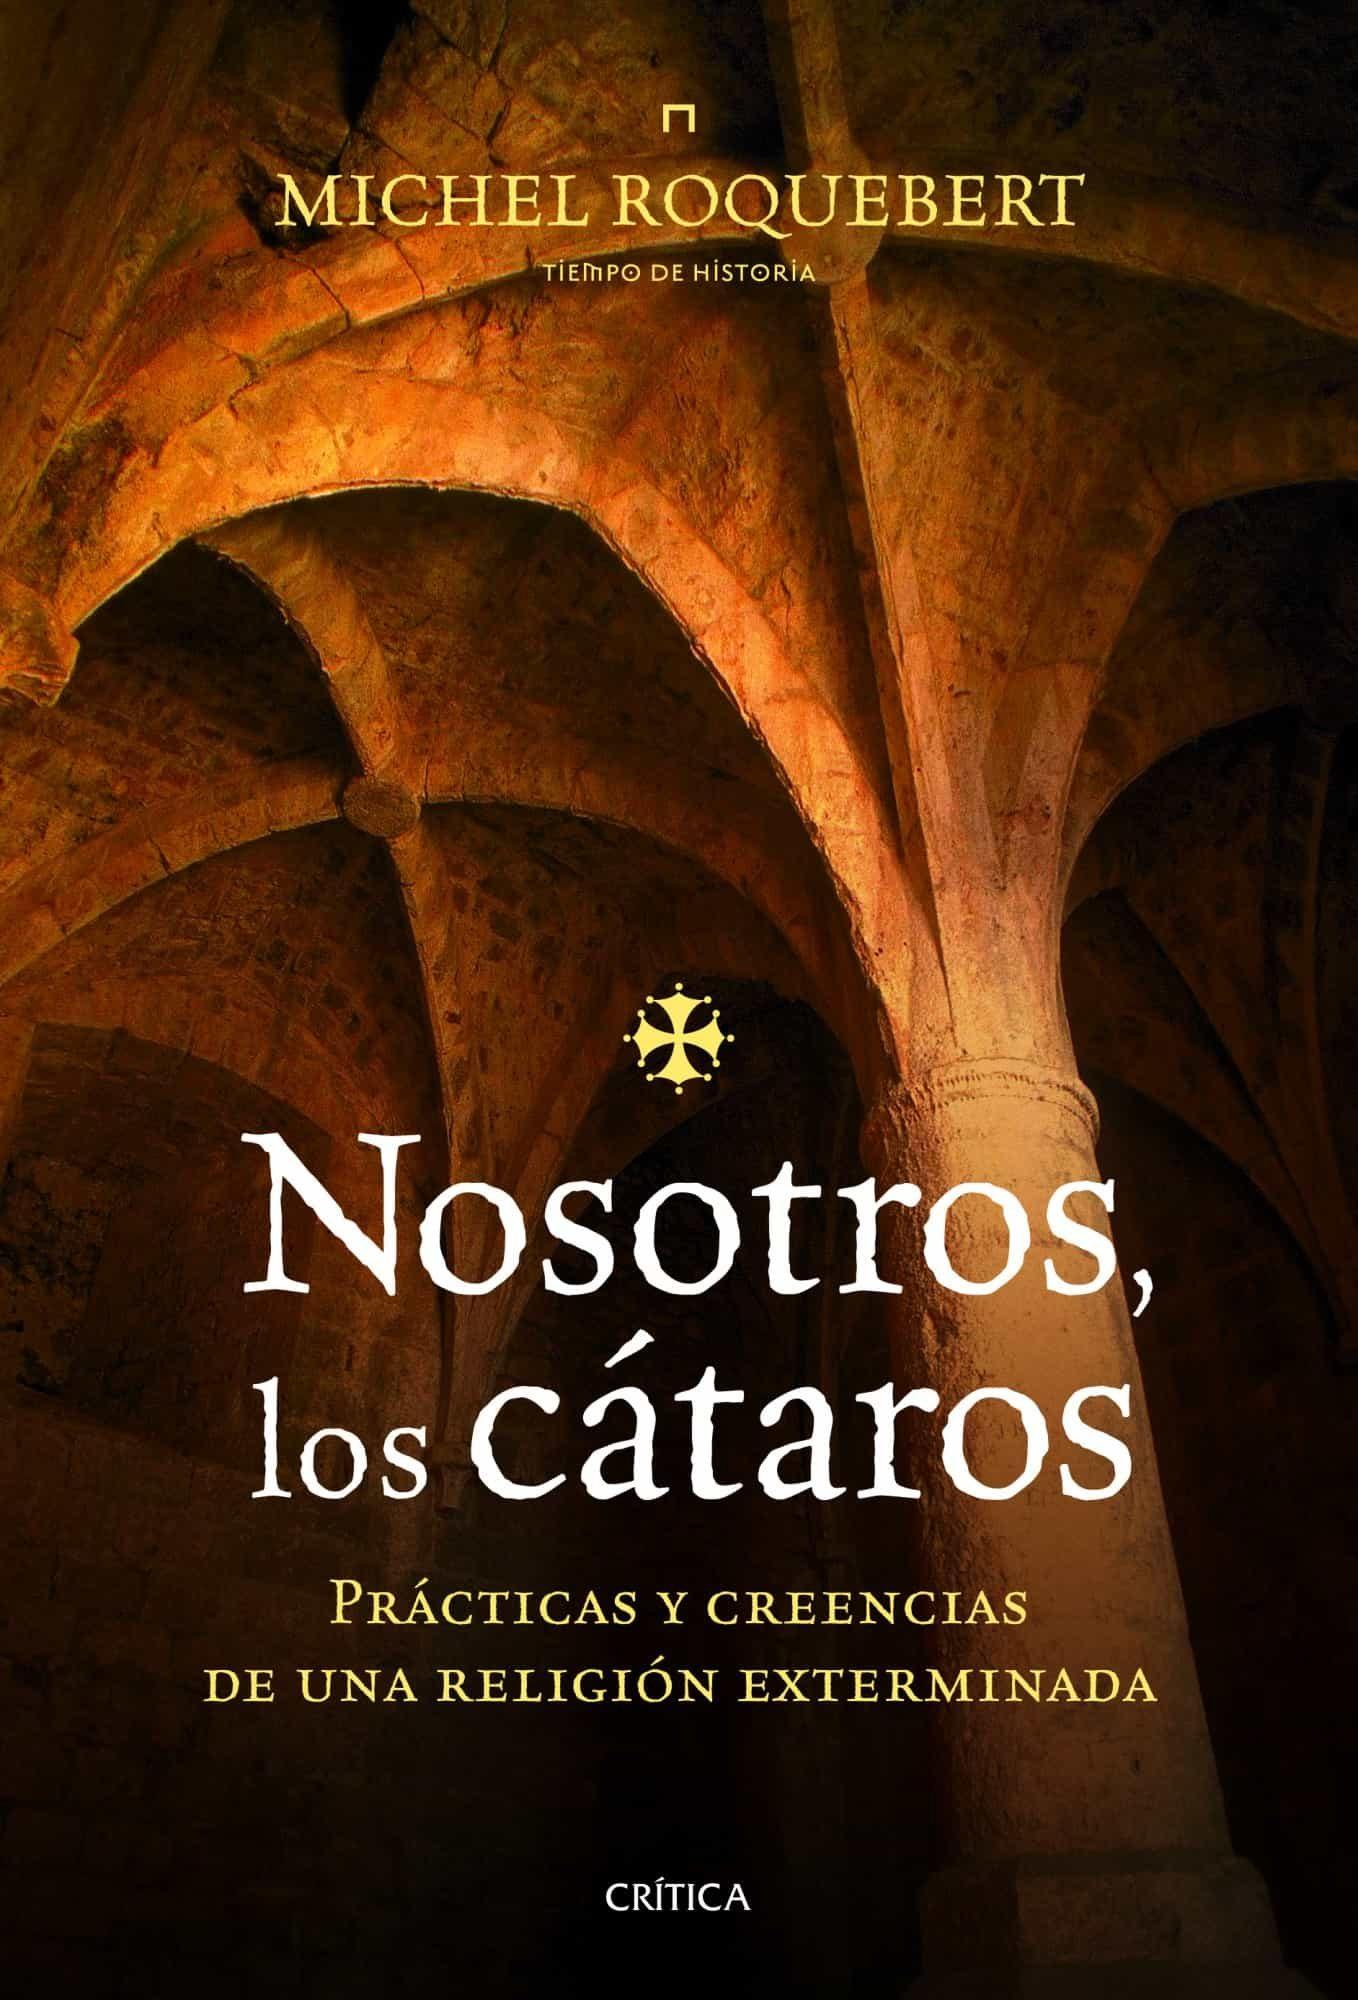 NOSOTROS LOS CÁTAROS, de Michel Roquebert 9788498923933